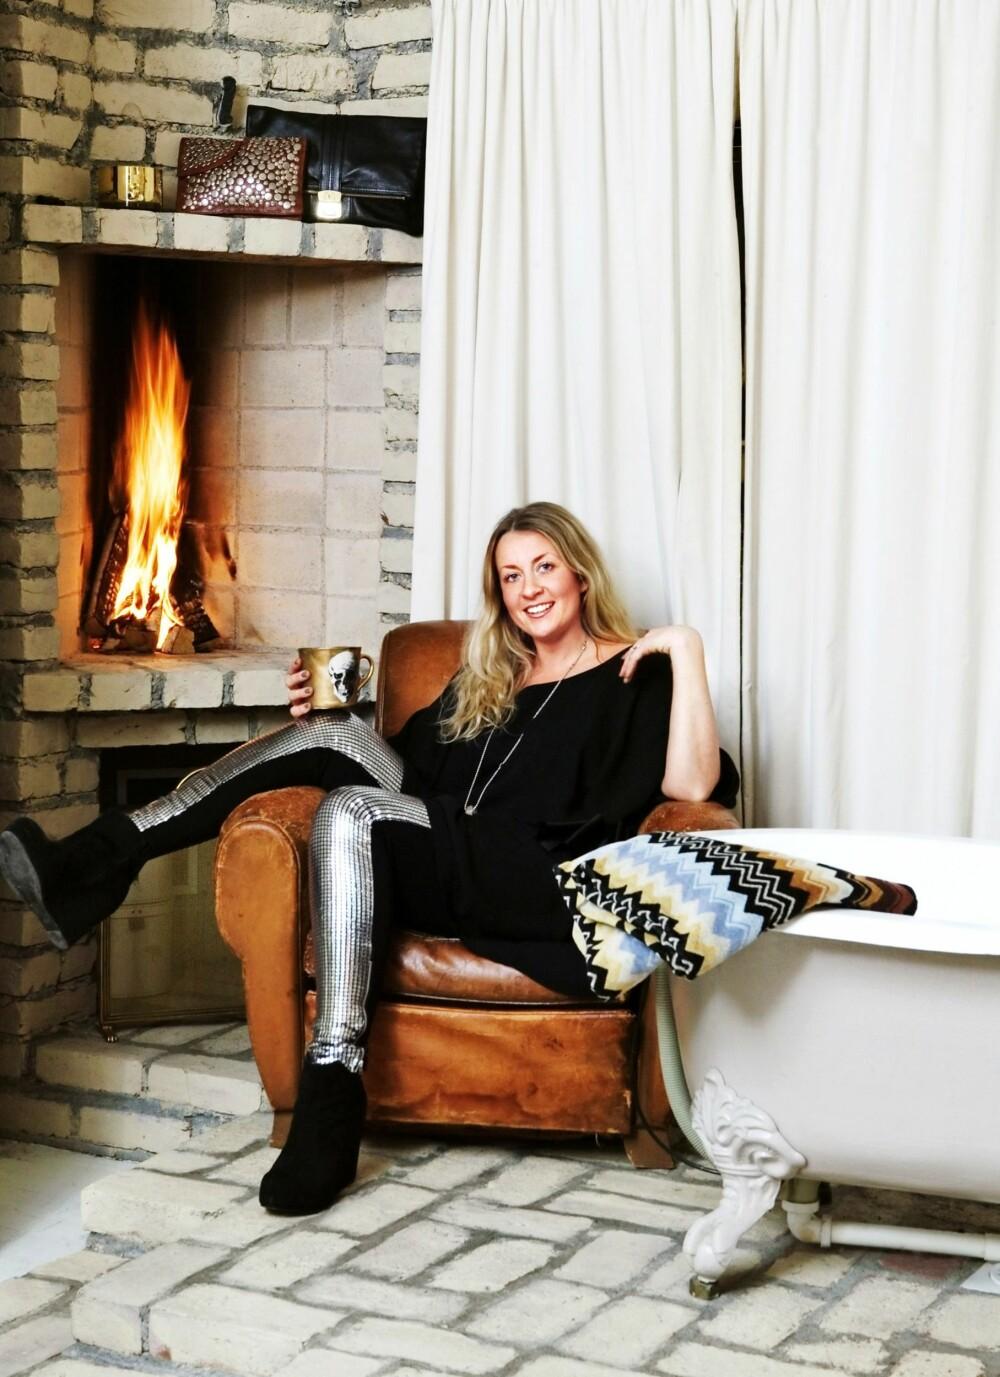 PÅ BADET: Camilla Berntsen, eier av interiørbutikken Milla Boutique, hadde peis på badet i sin gamle bolig, for en luksus!